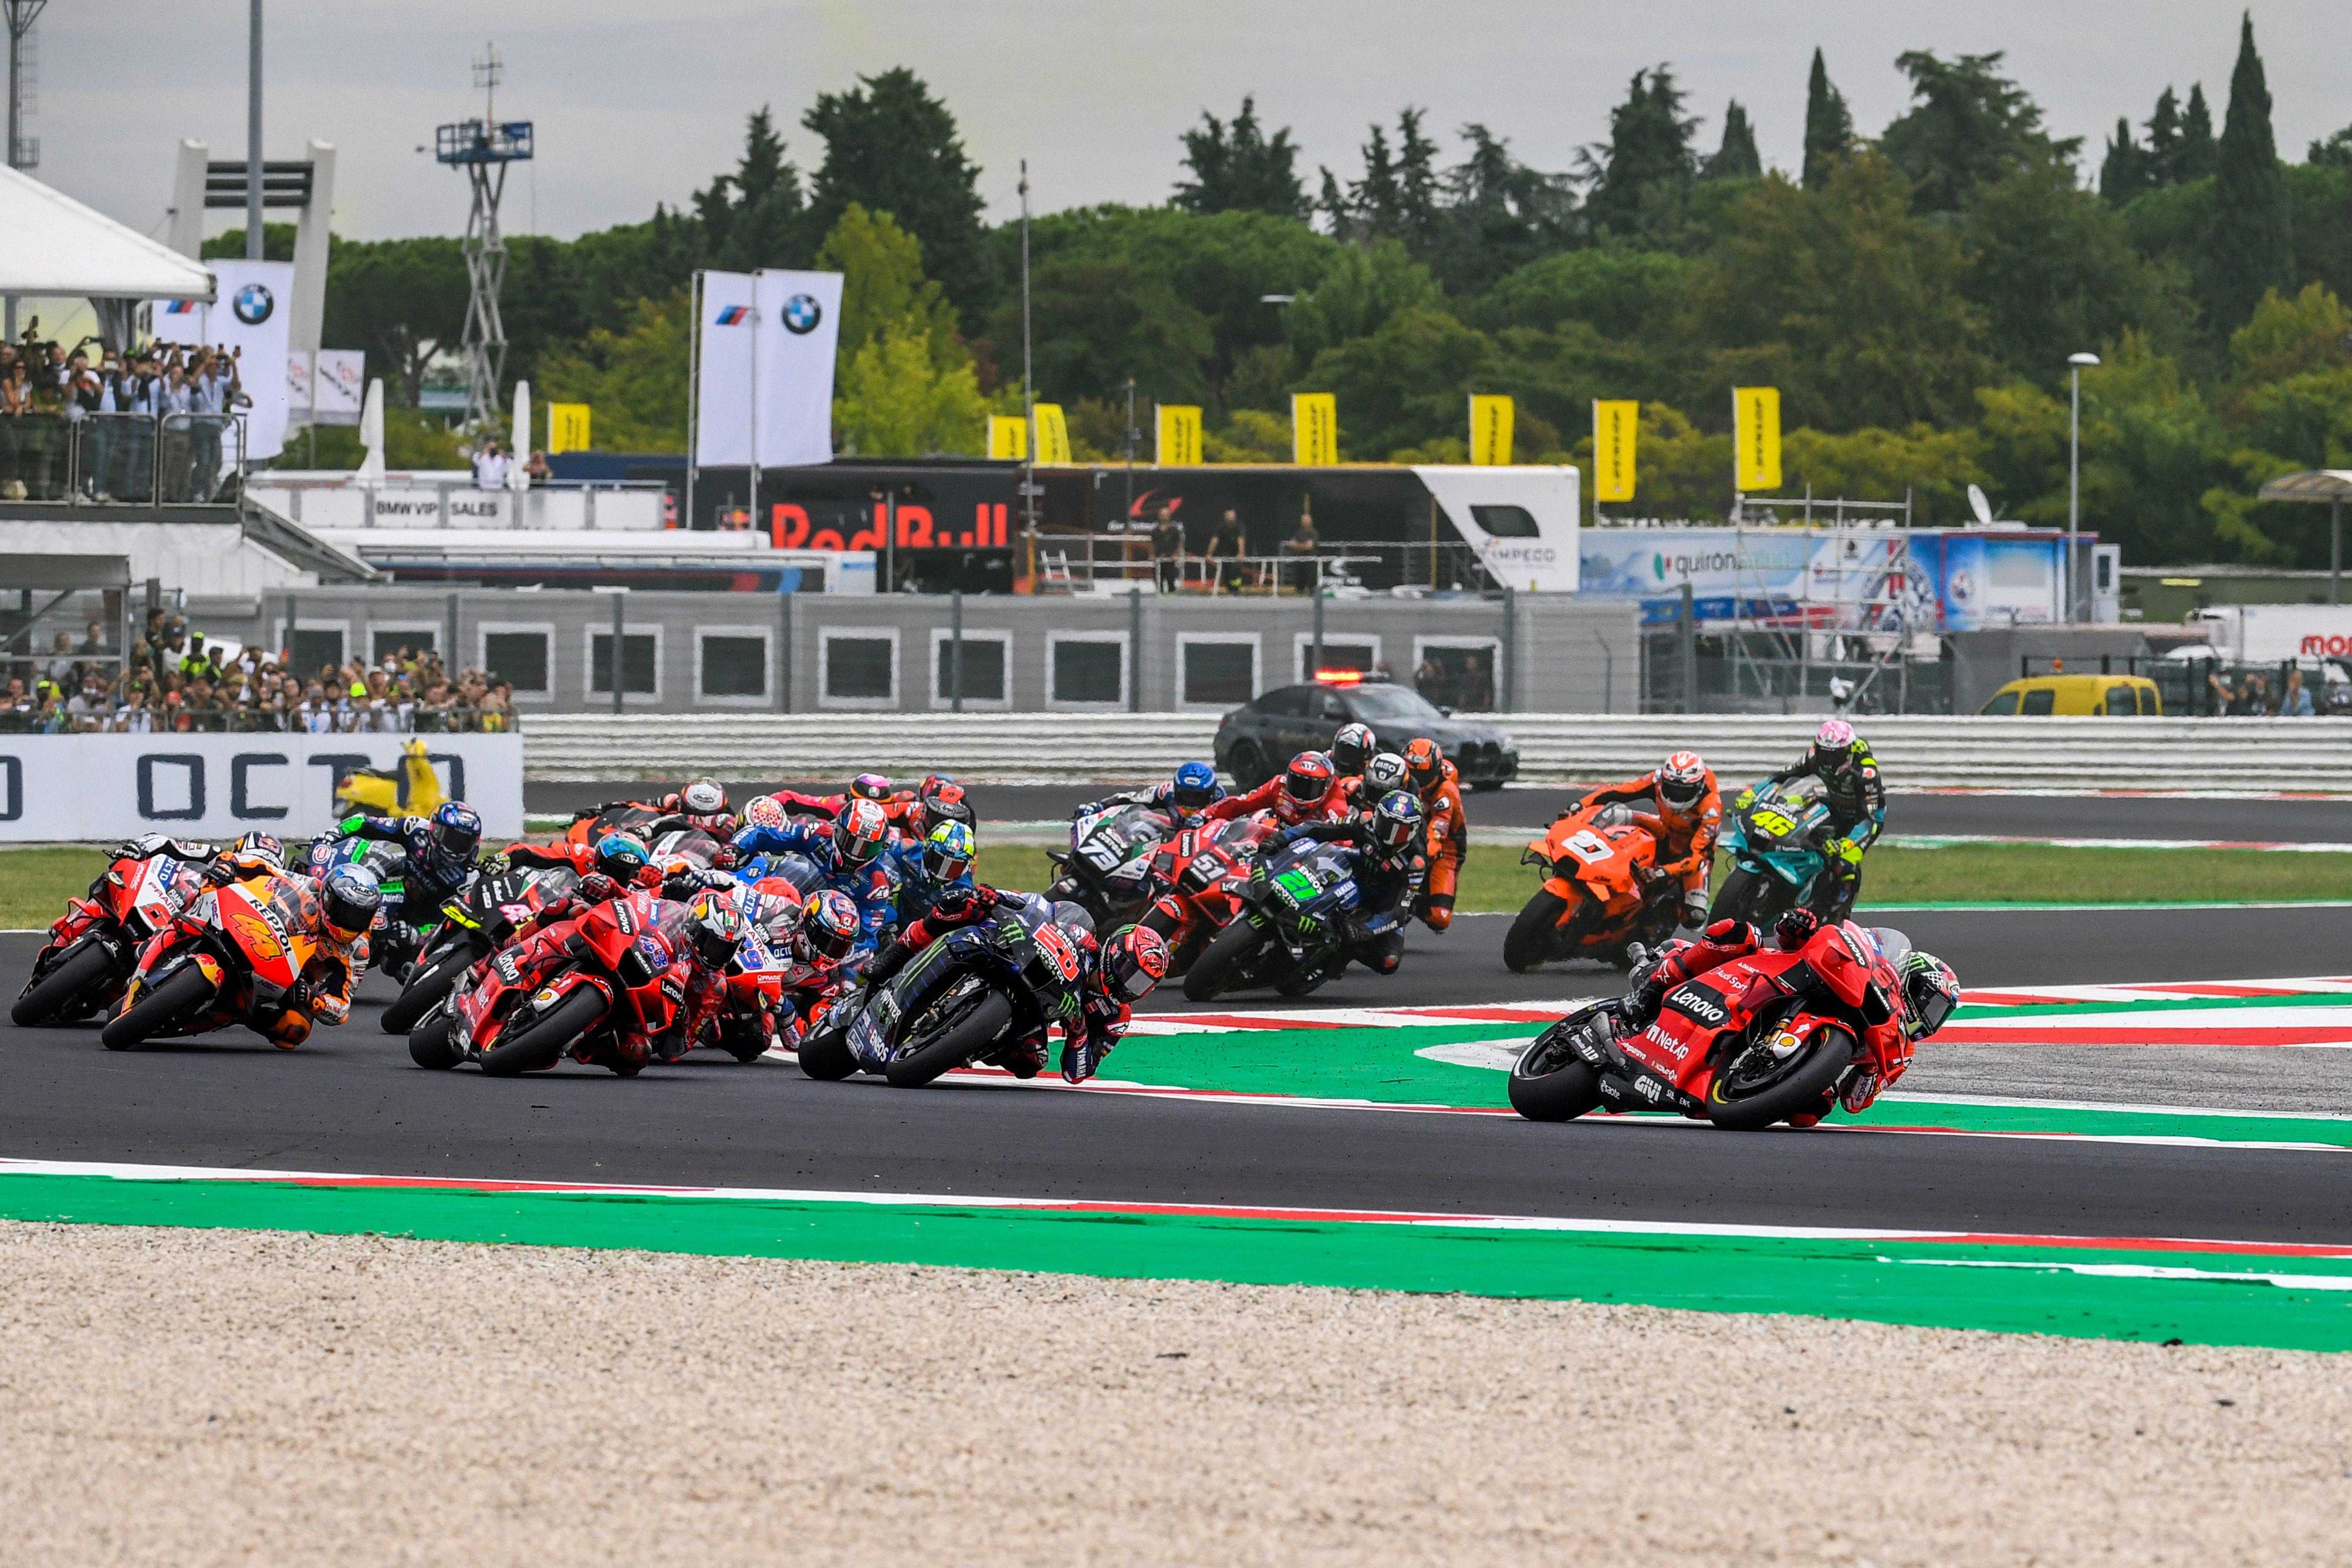 Secondo successo di fila per il pilota Ducati che nel GP di San Marino vince davanti a Quartararo e Bastianini<br /><br />